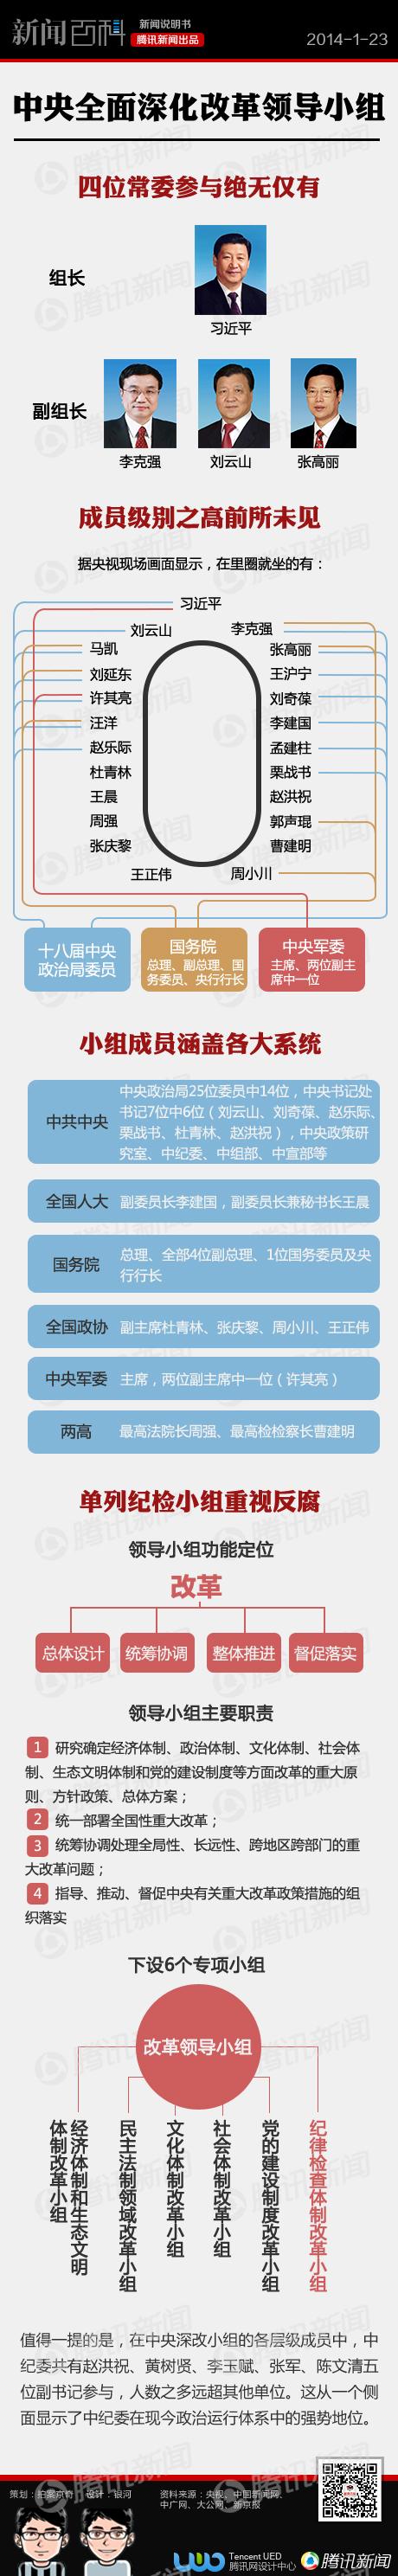 中央深化改革小组全揭秘 - 社会创新平台 - 春运义工报名微信2452447